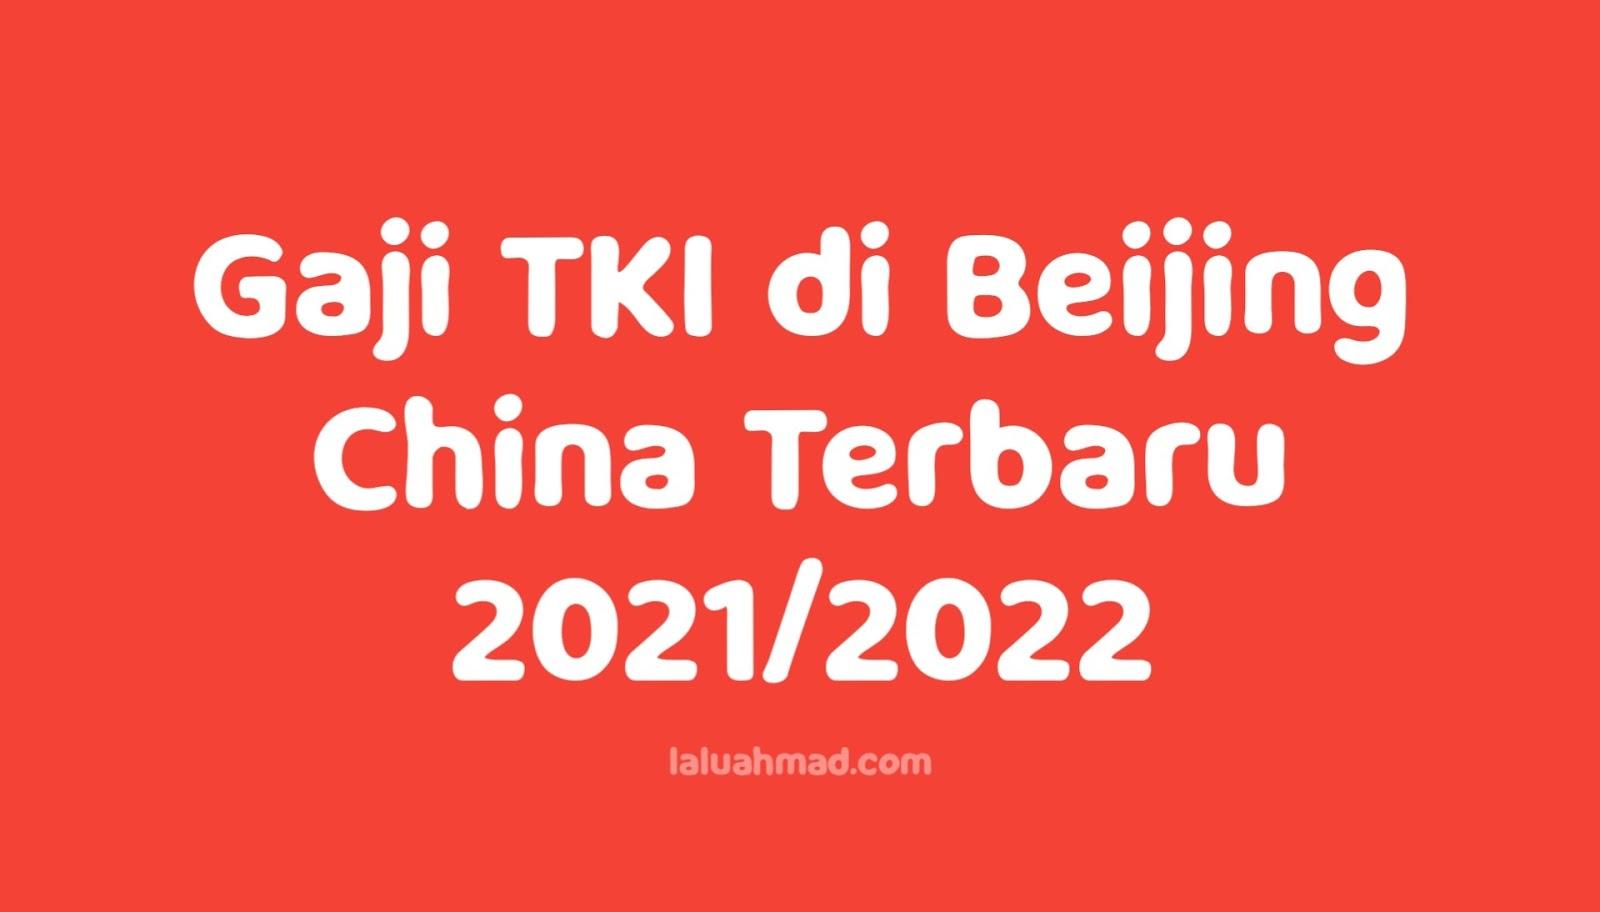 Gaji TKI di Beijing China Terbaru 2021/2022